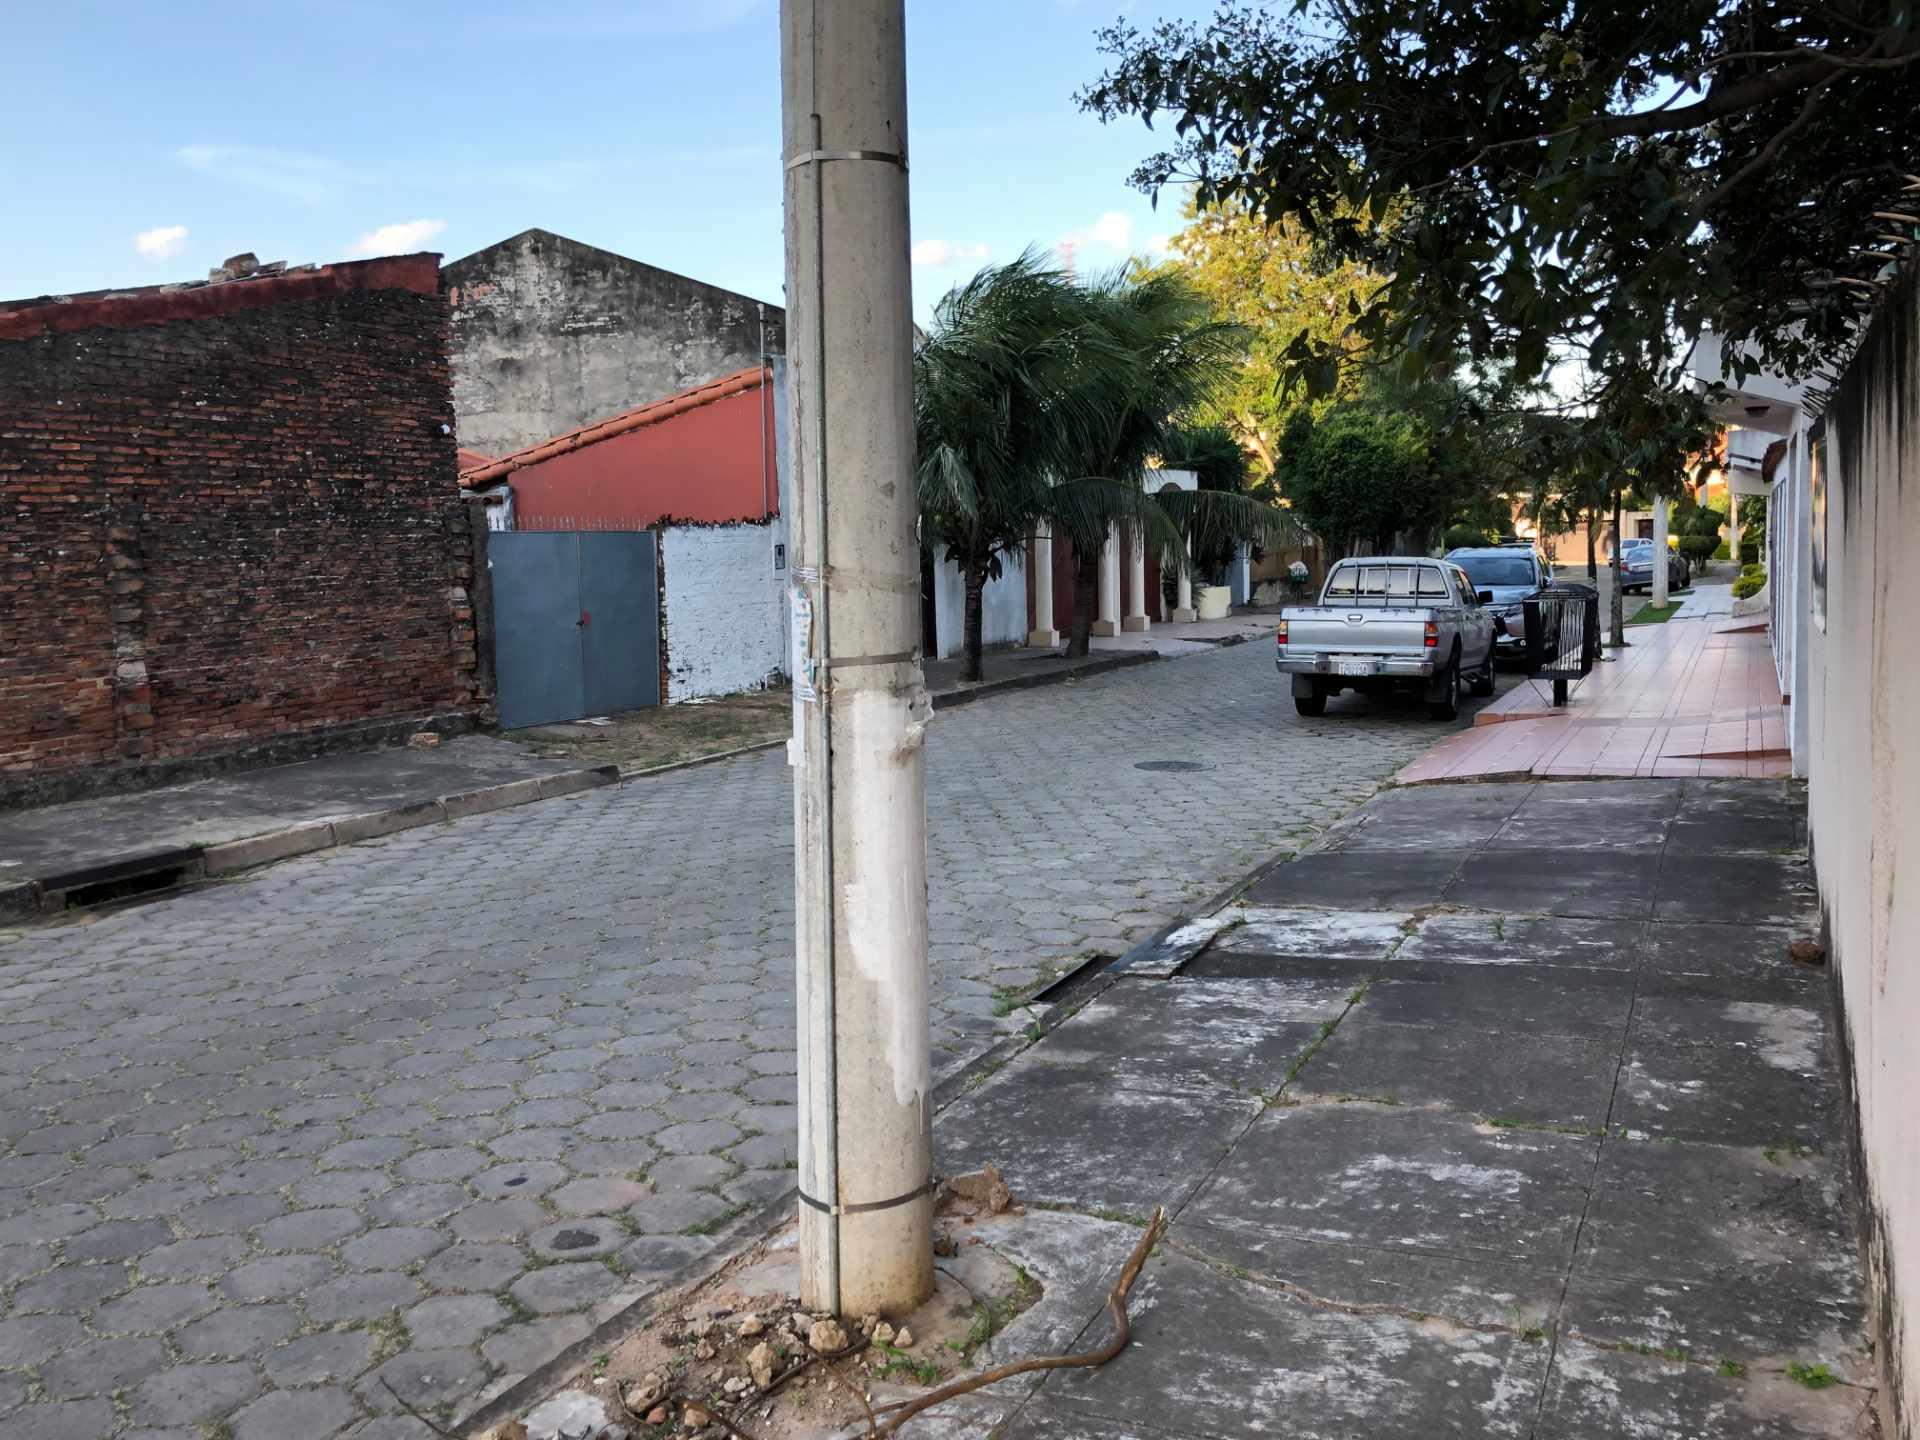 Terreno en Venta Calle El Fuerte s/n, zona barrio Los Choferes (al lado del Hostal Jodanga) Foto 3